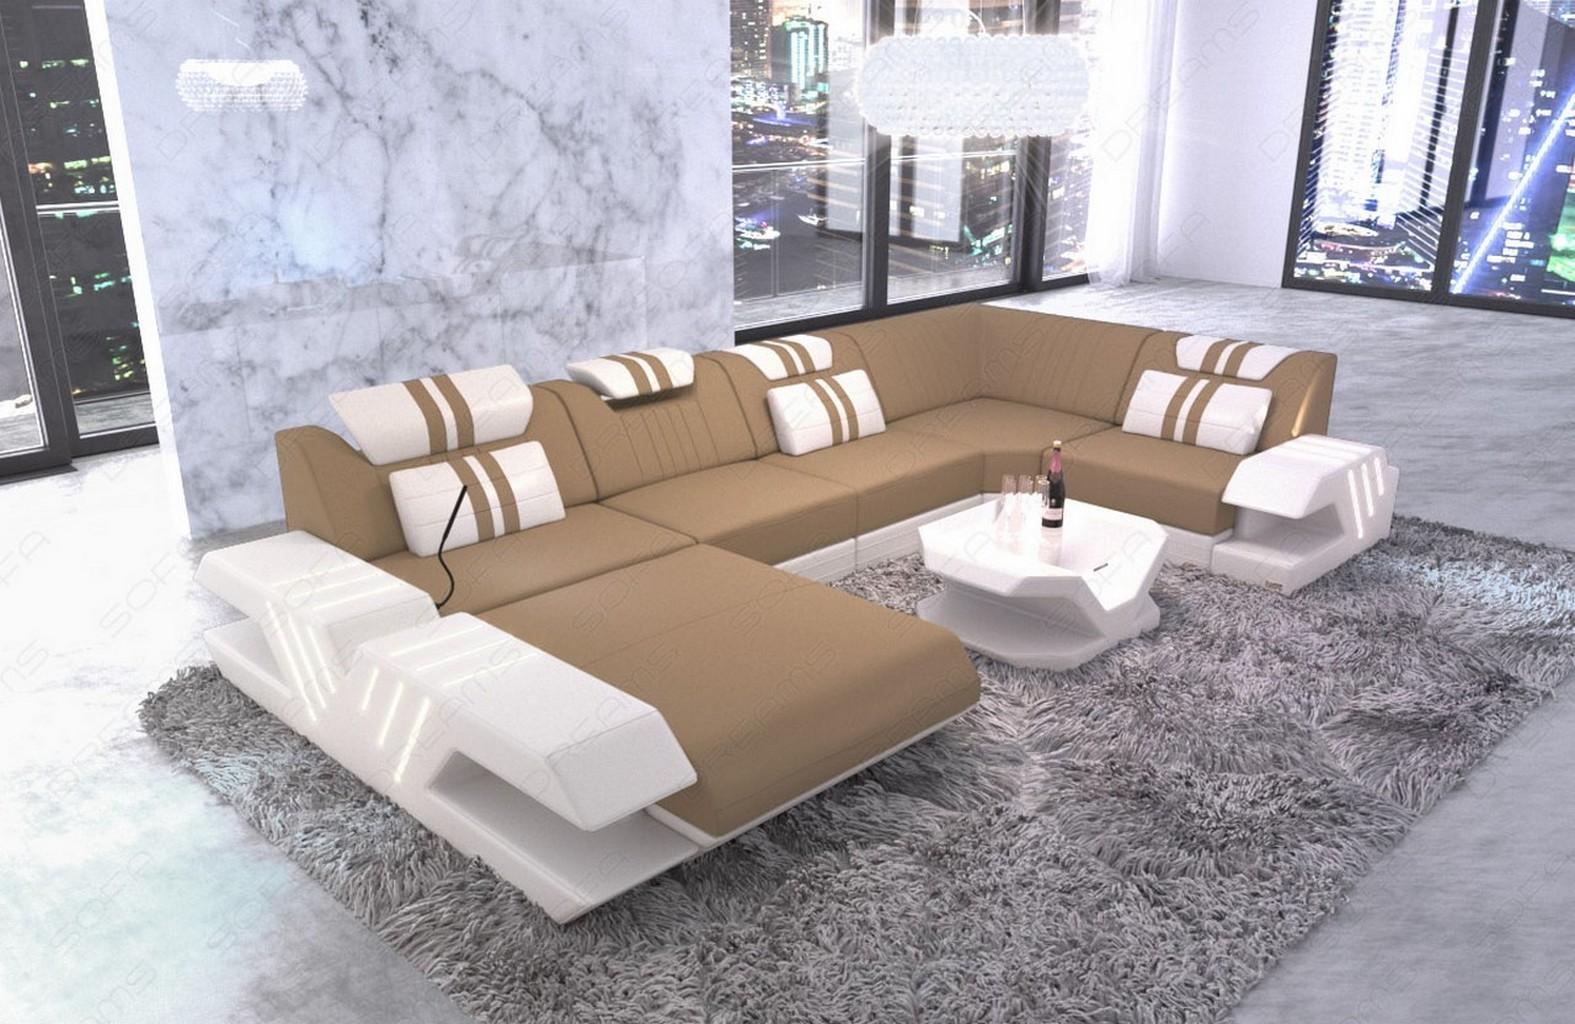 stoff sofa wohnlandschaft design polstercouch venedig u. Black Bedroom Furniture Sets. Home Design Ideas